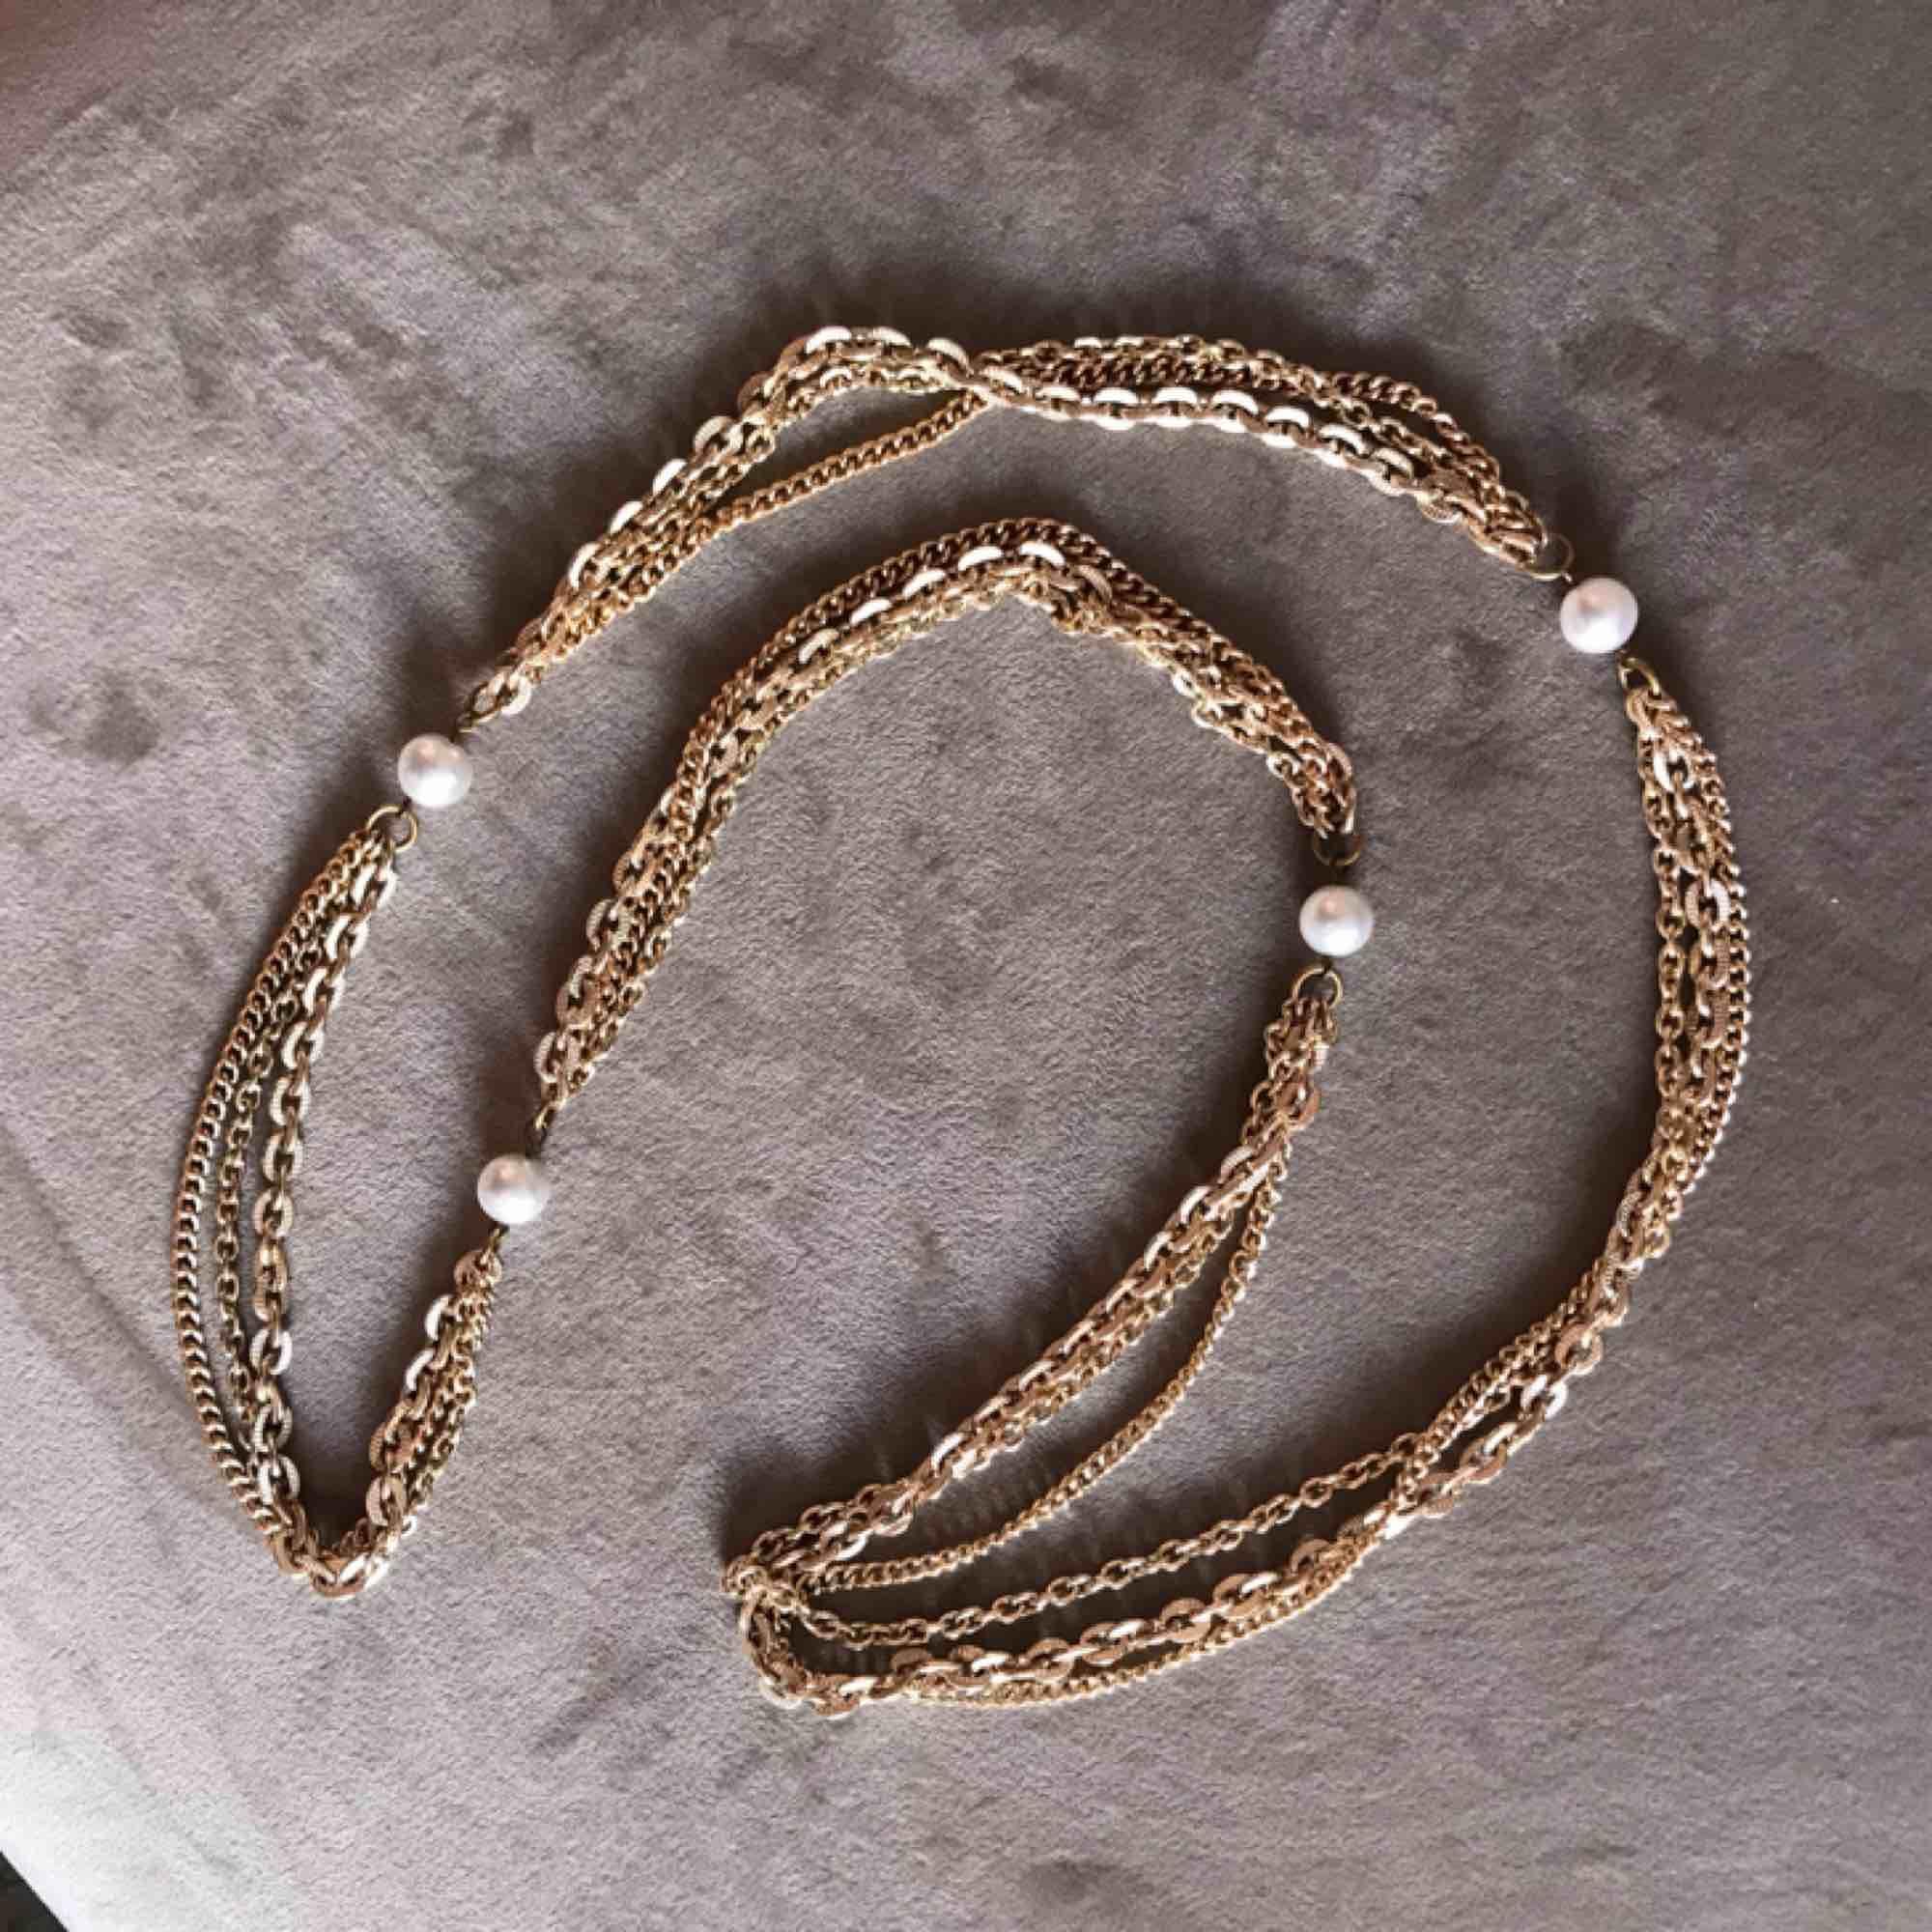 Guld kedja bälte med pärlor ✨ (kan även användas som halsband) 92cm lång. Frakt 9kr . Accessoarer.